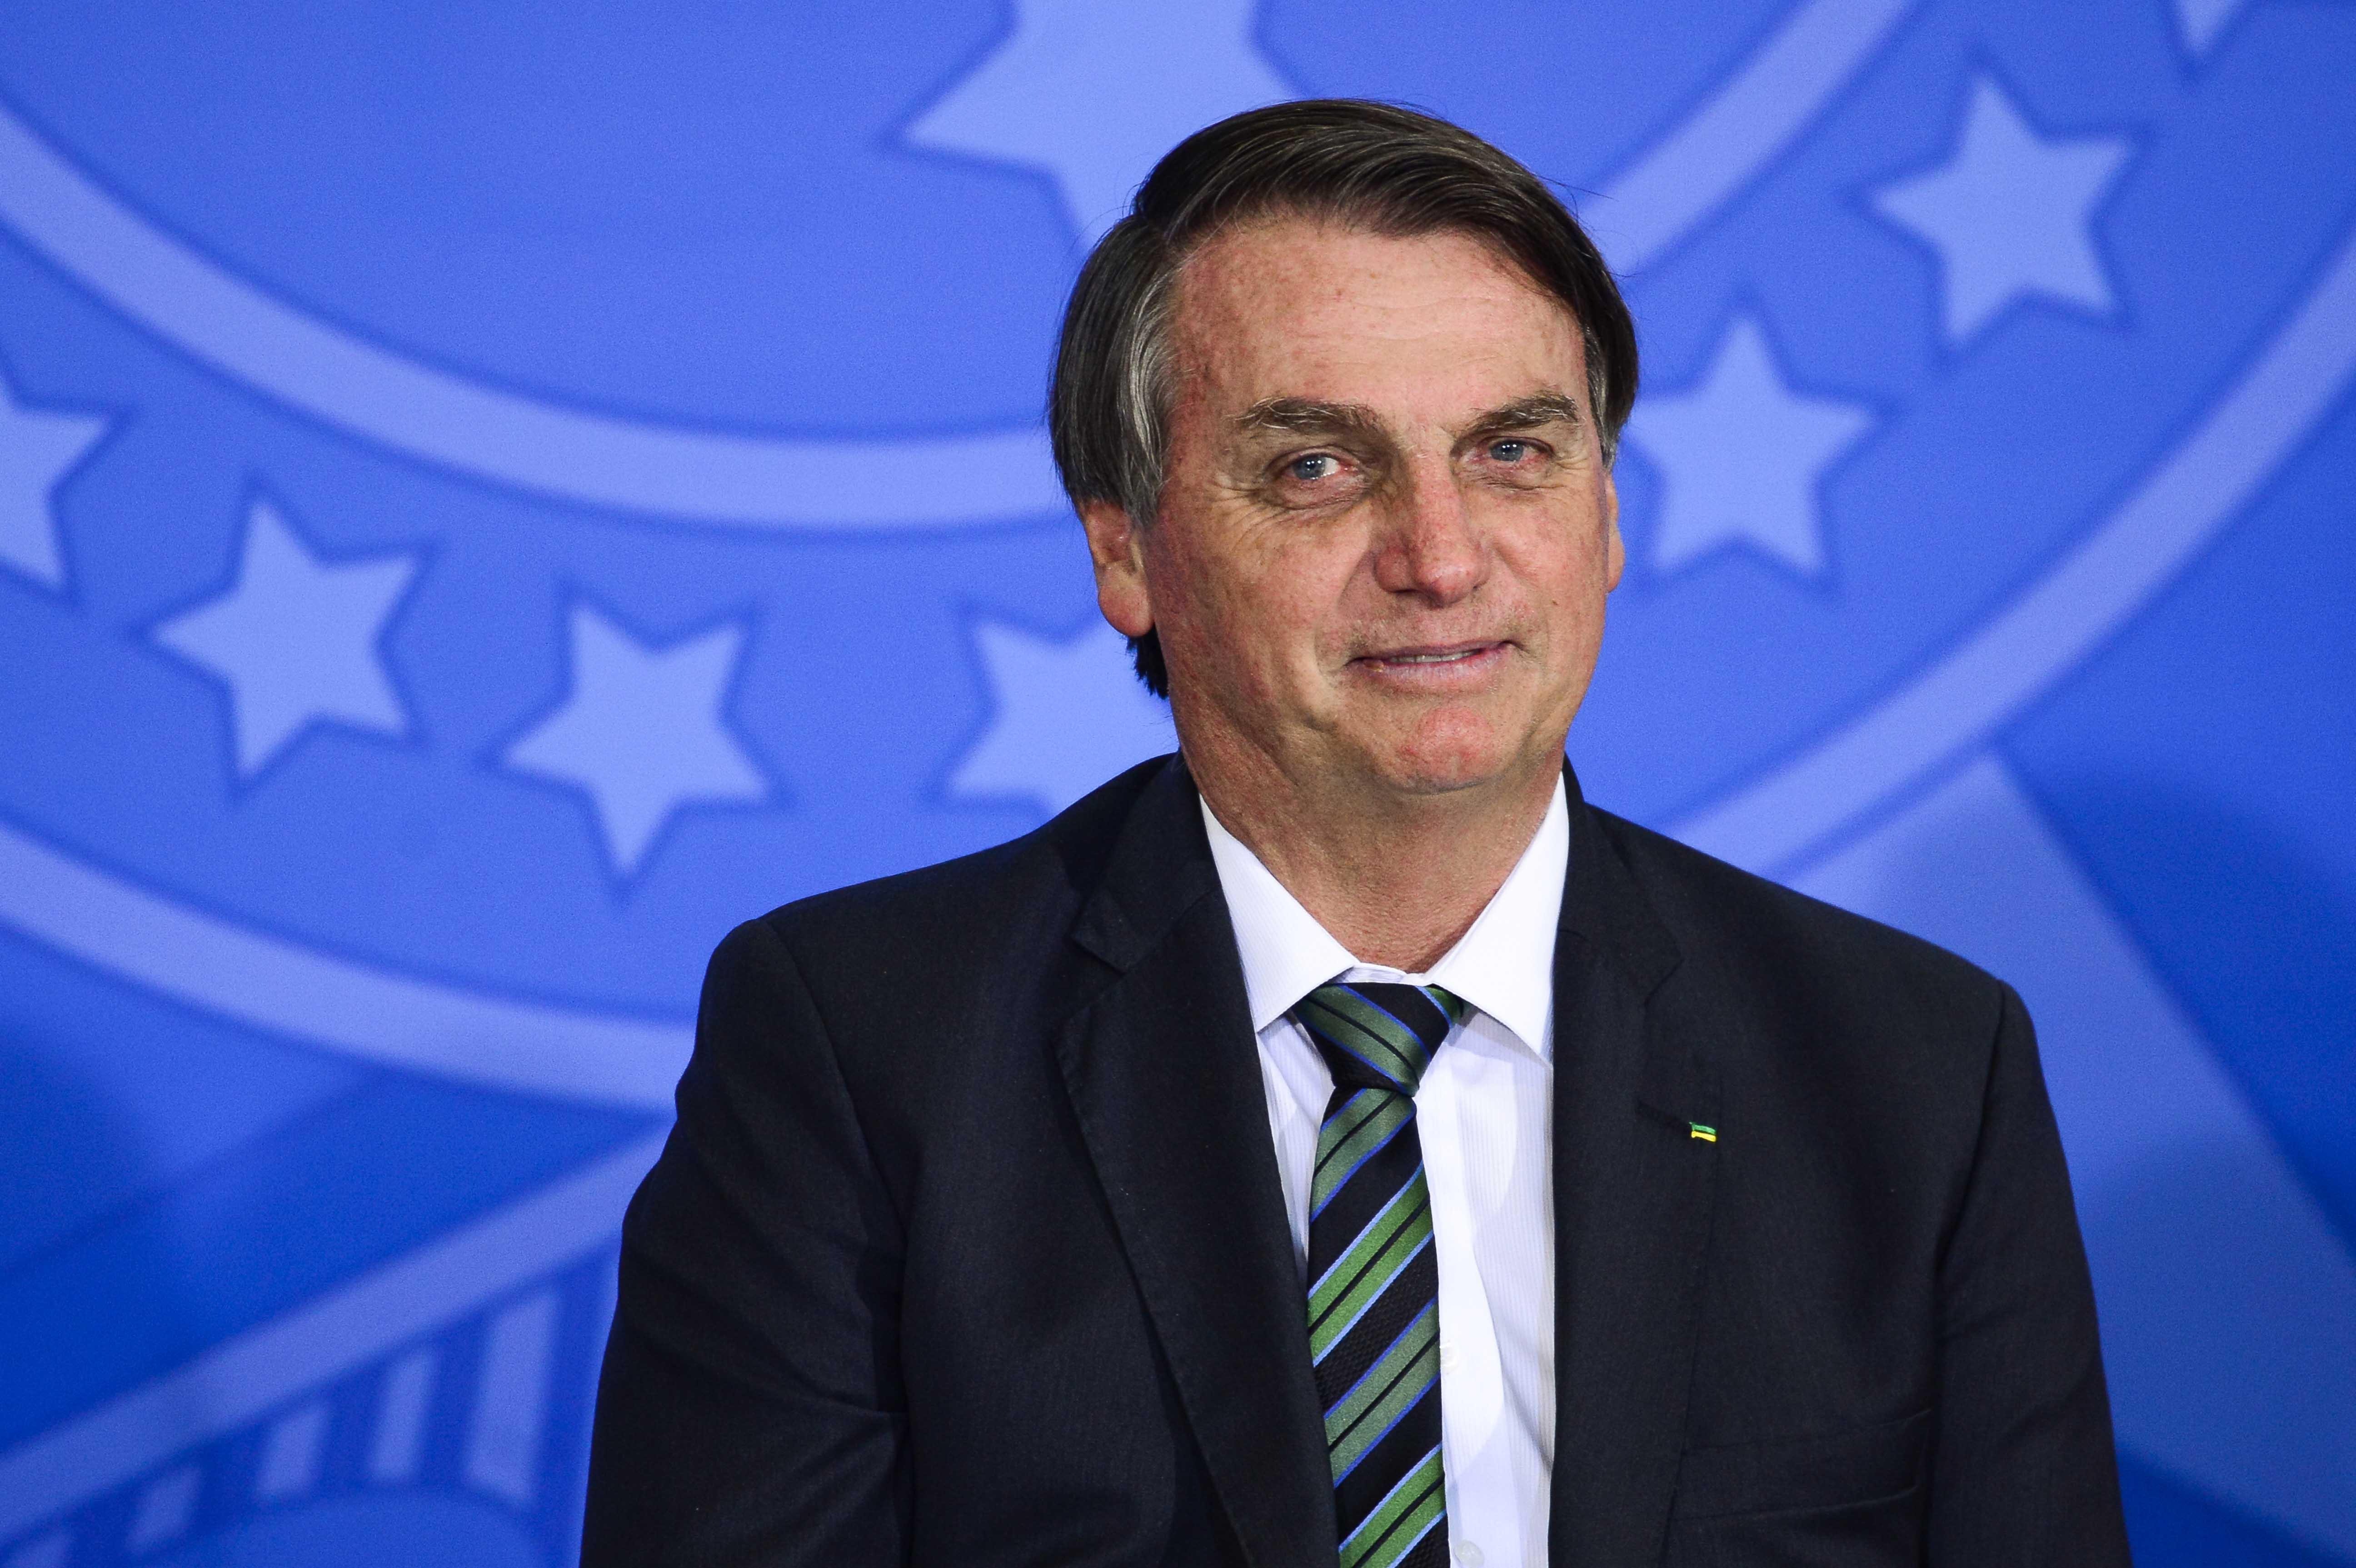 IMAGEM: O silêncio de Bolsonaro